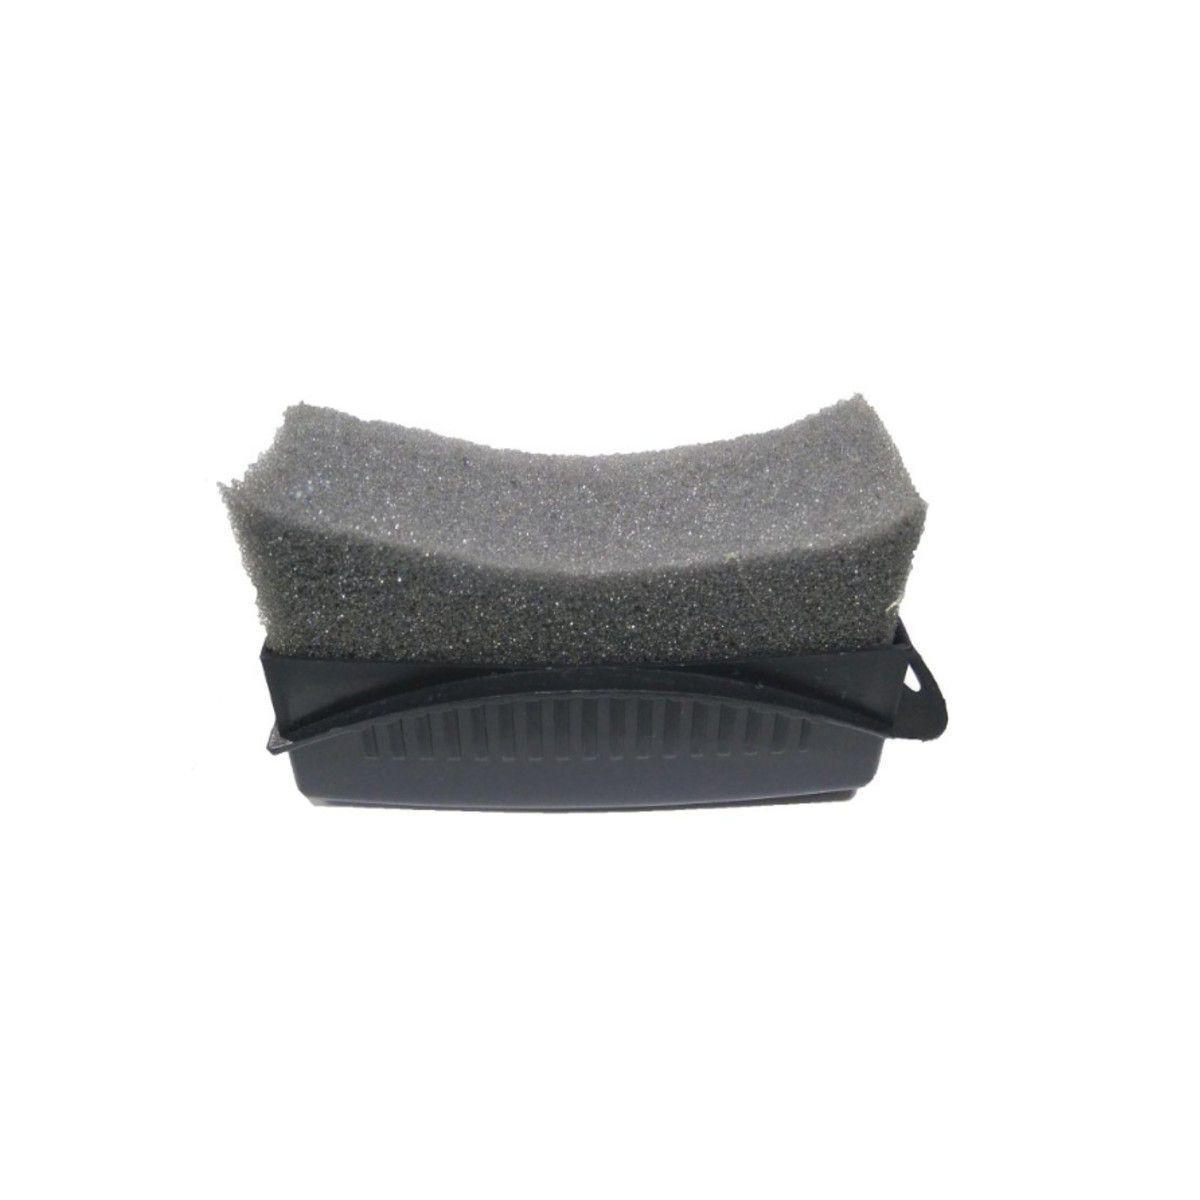 Escovas (Limpa Pneu + Caixa + Parafuso) + Aplicador Pretinho